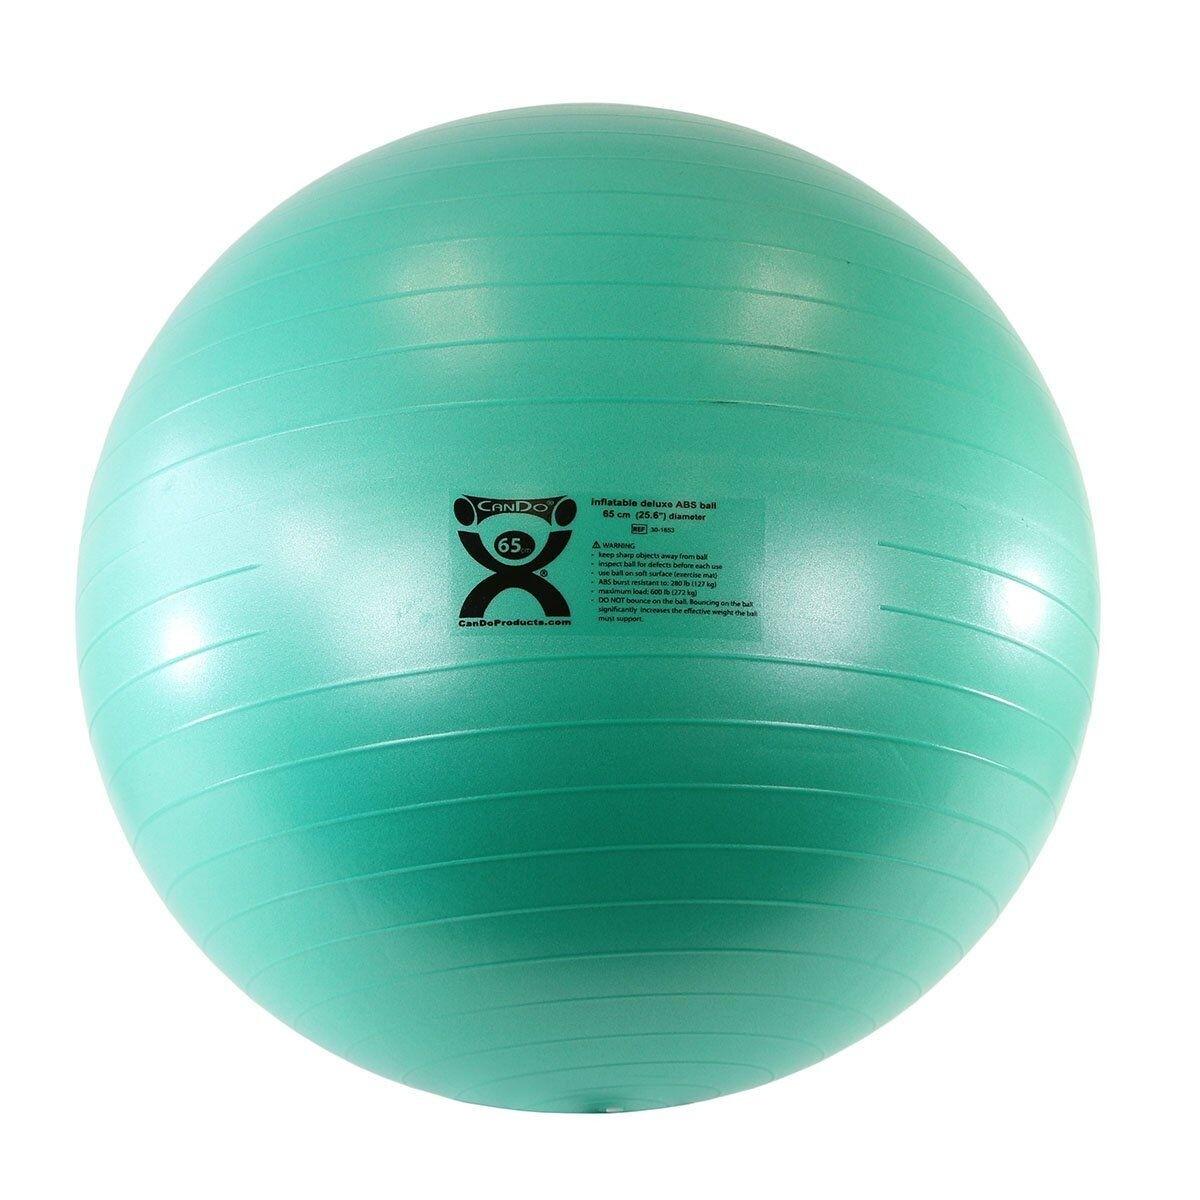 Cando Deluxe Abs Ball